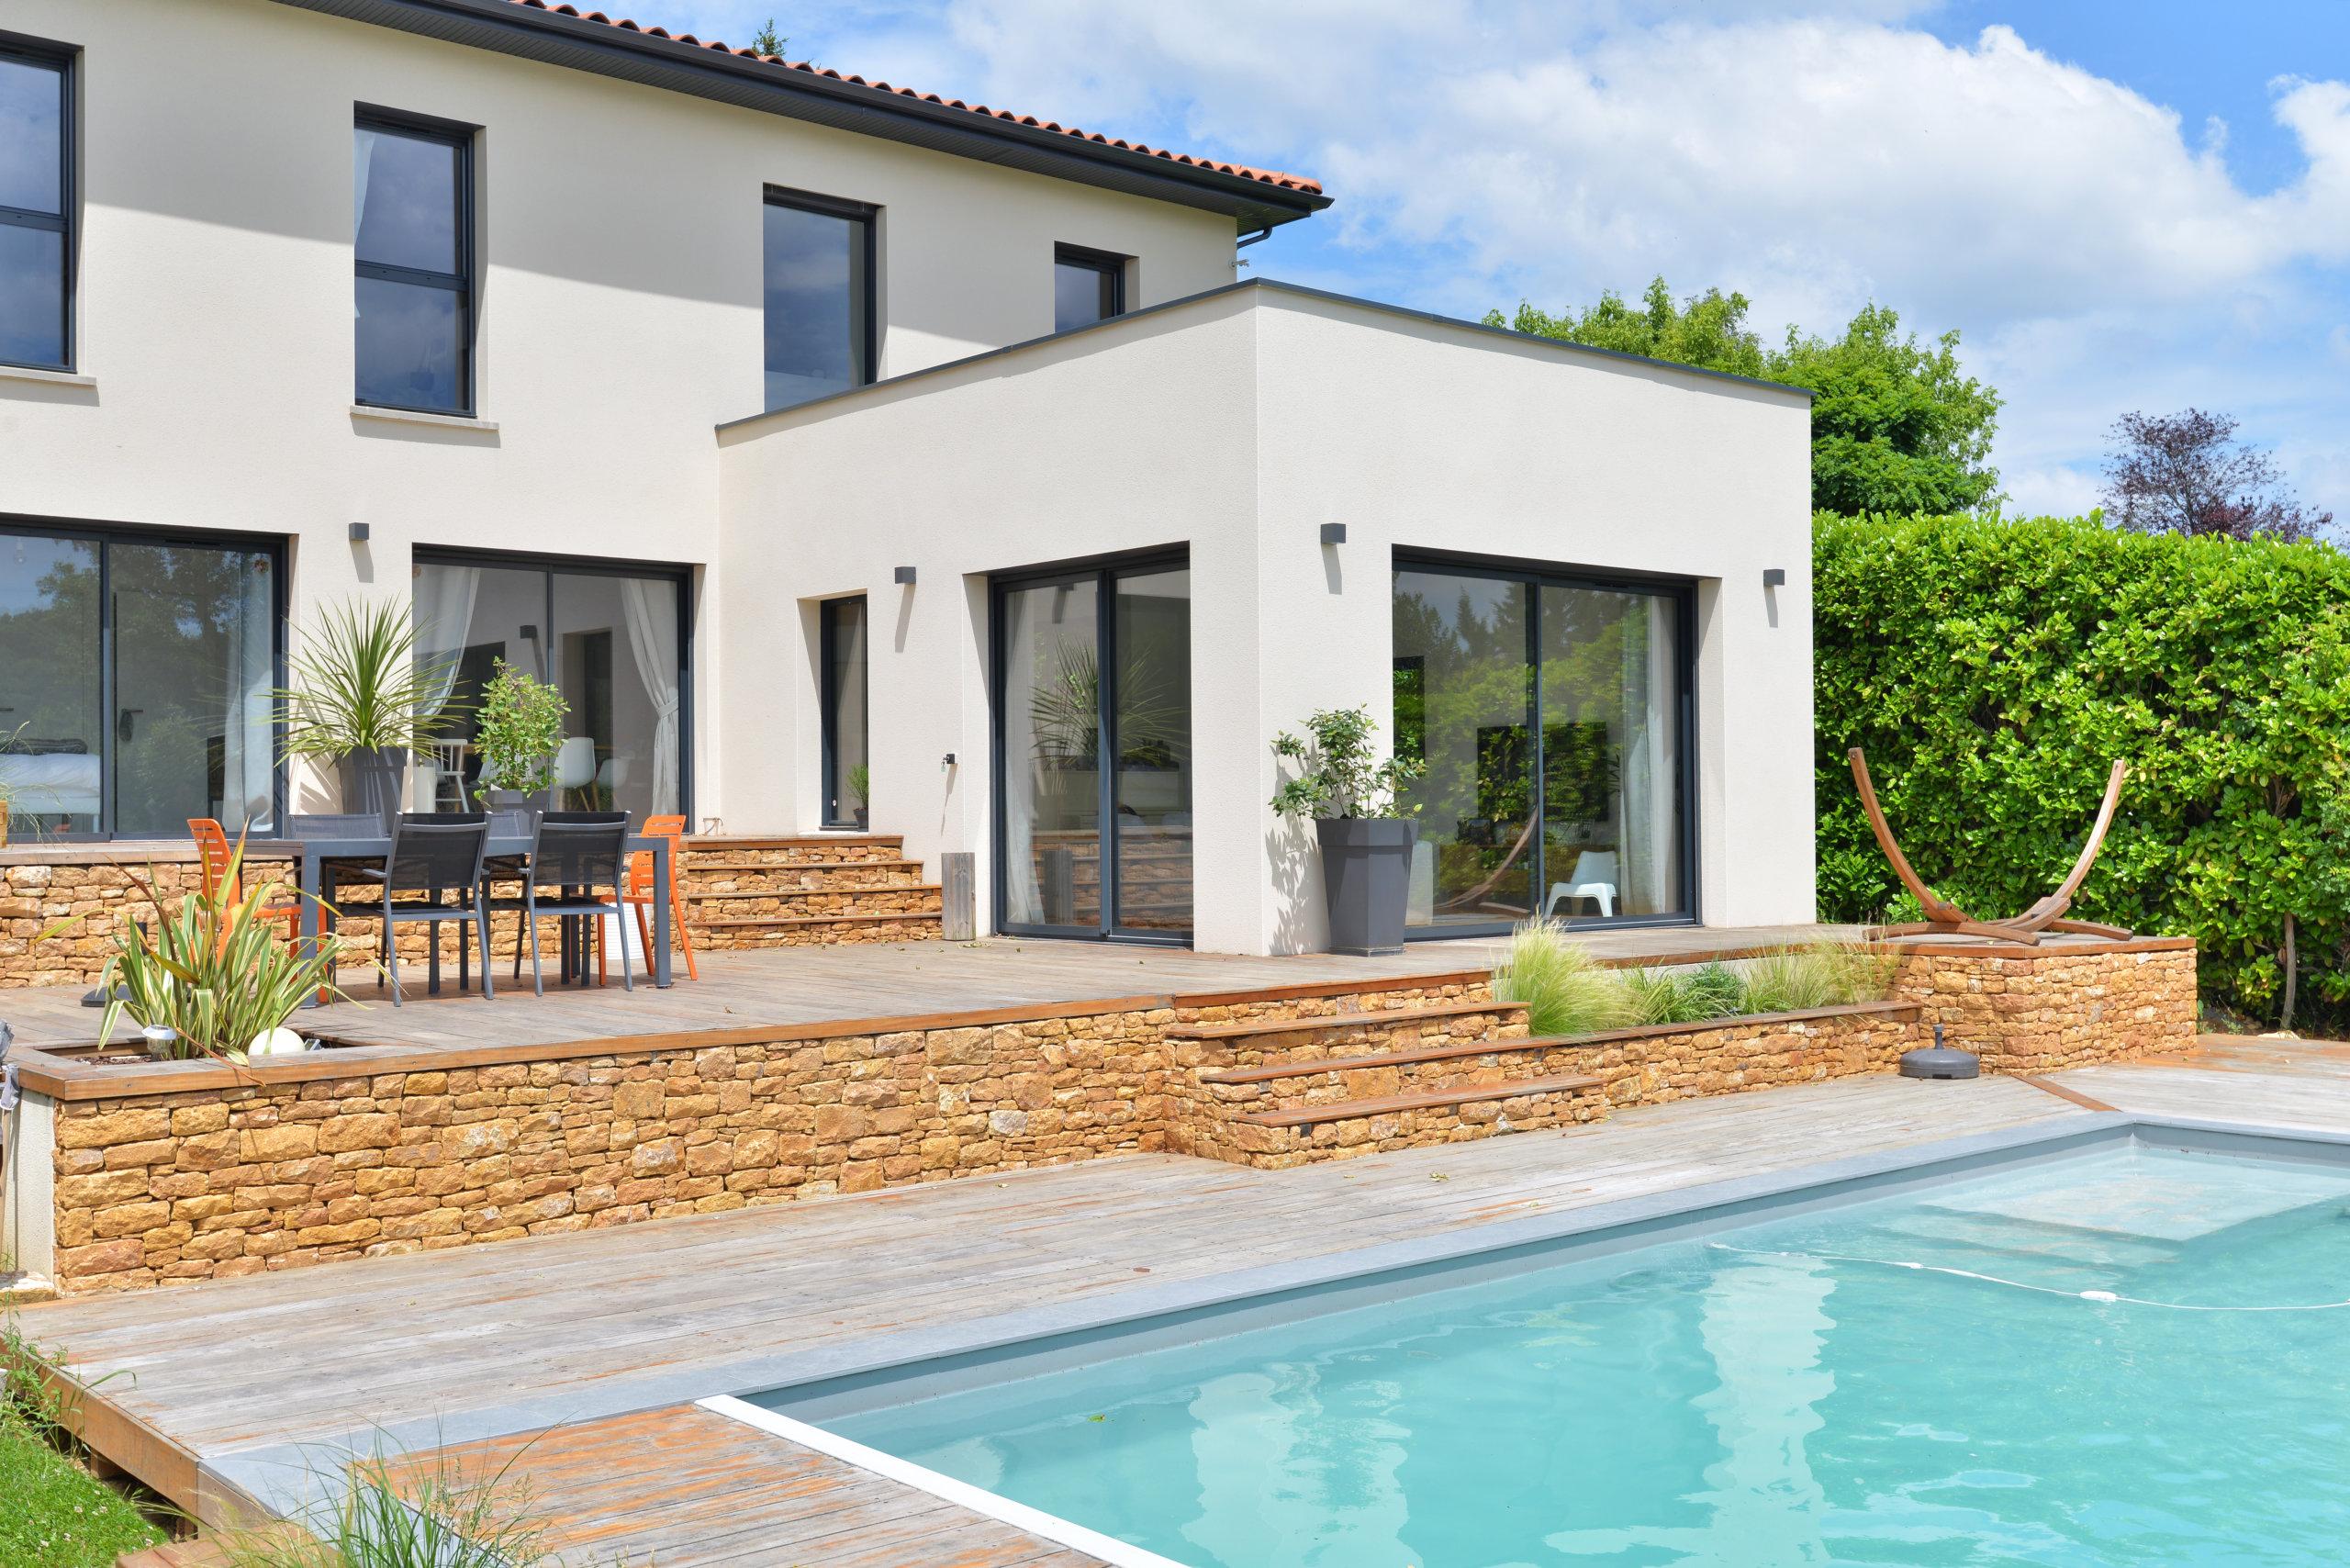 constructeur-maison-terrasse